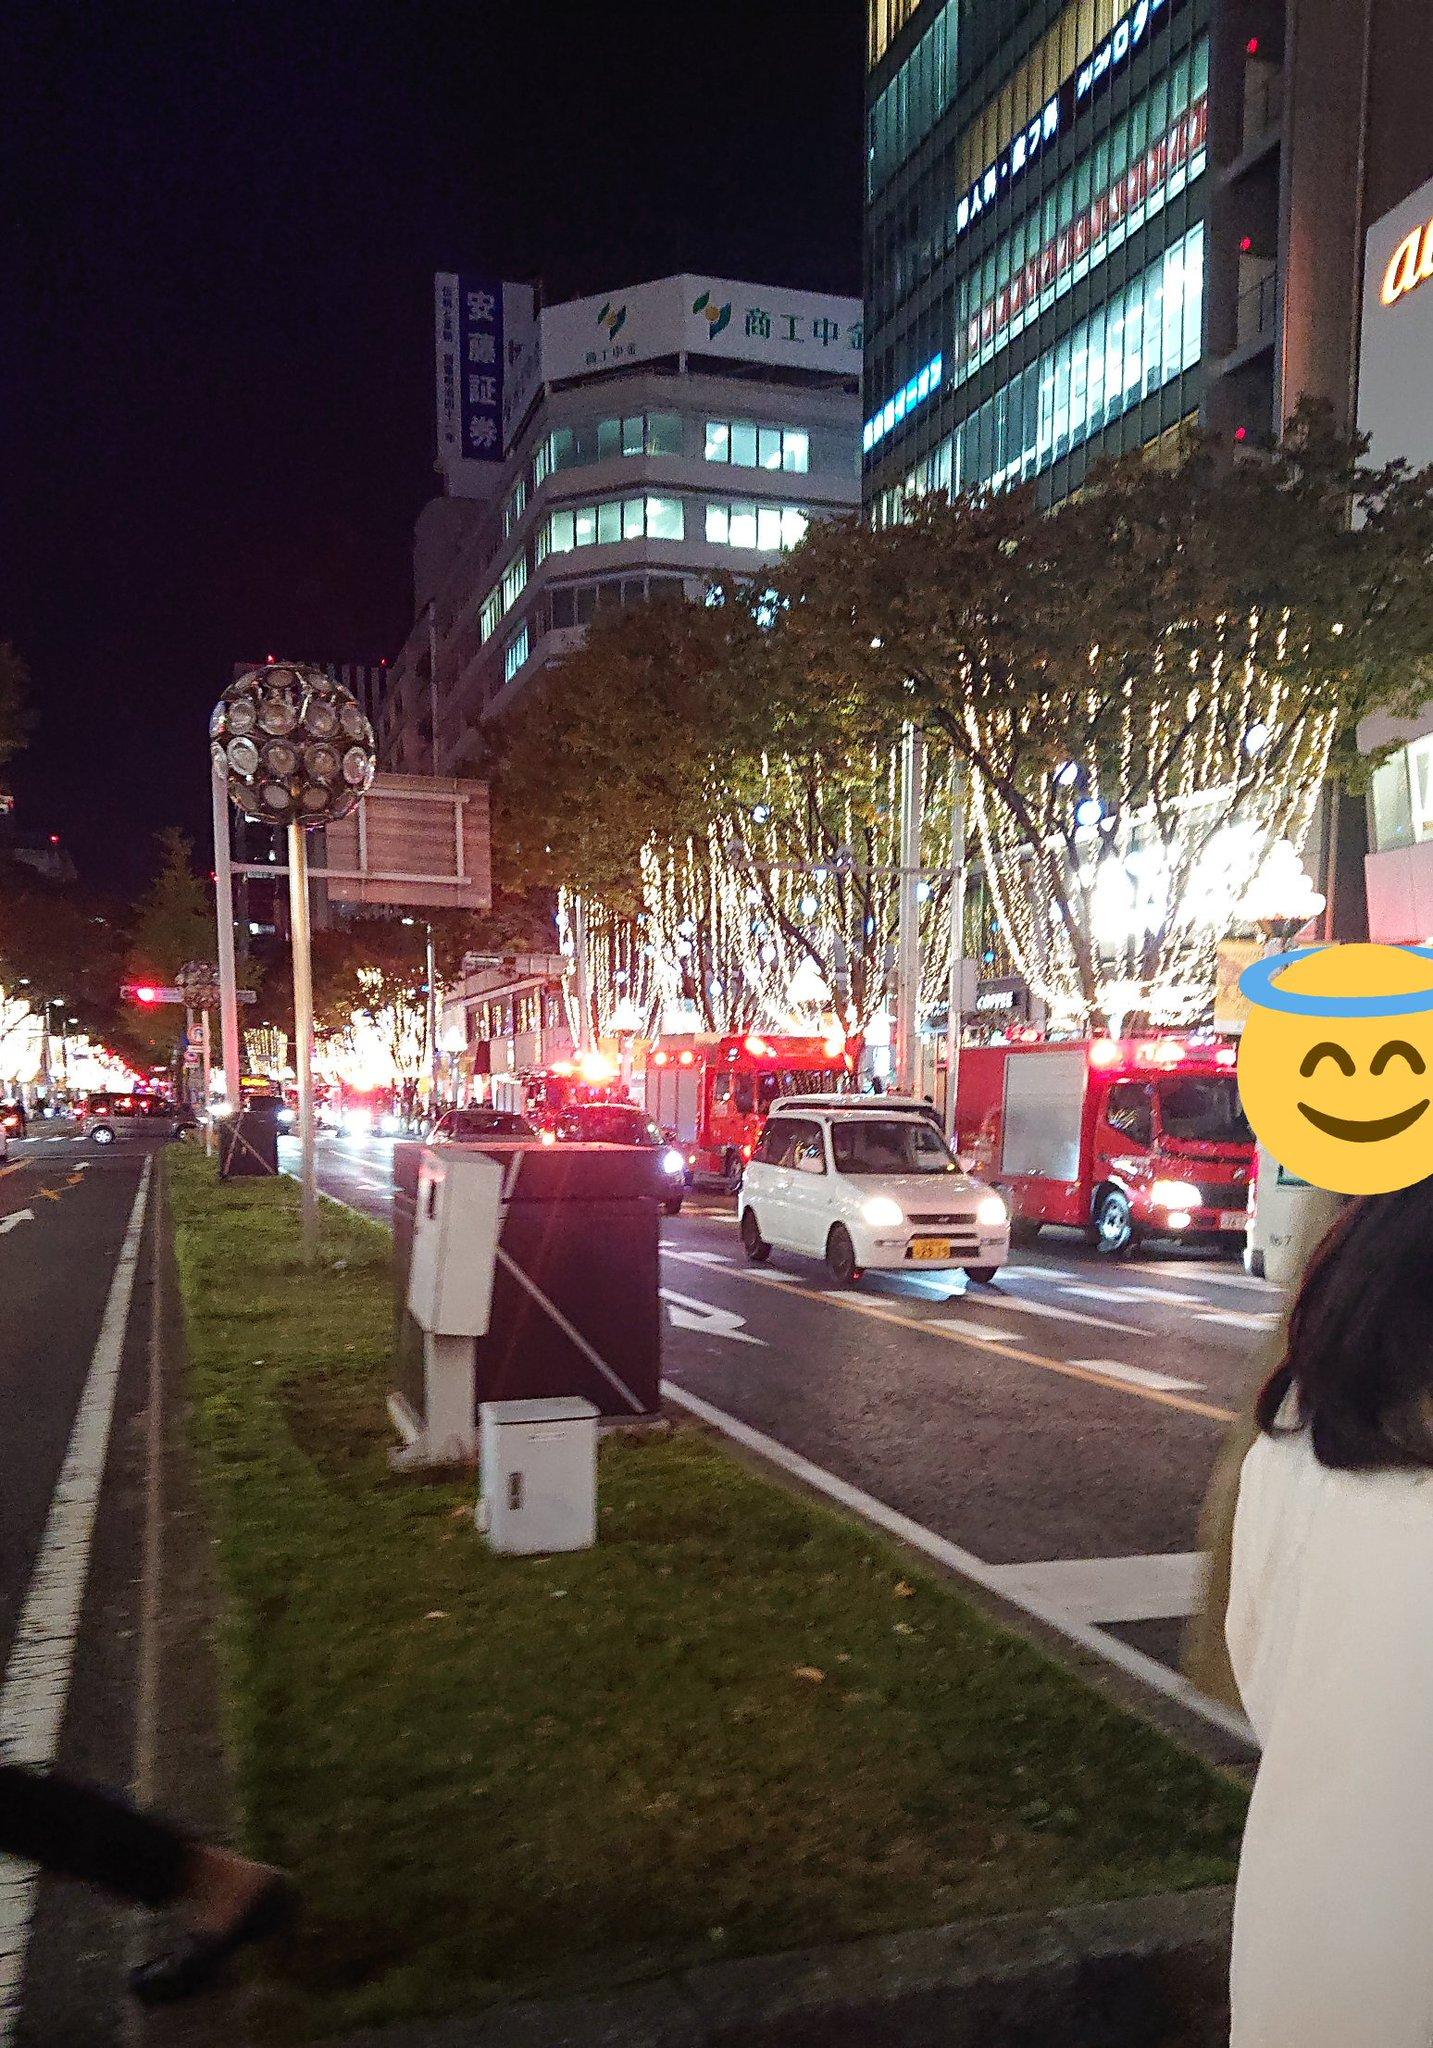 画像,栄で火事あったのかな?会社帰りにサイレン鳴ってるなーて思って歩いてたらめっちゃ停まってたよ消防車10台くらいは停まってたし、どんどん来てた。全然サイレン鳴り止ま…